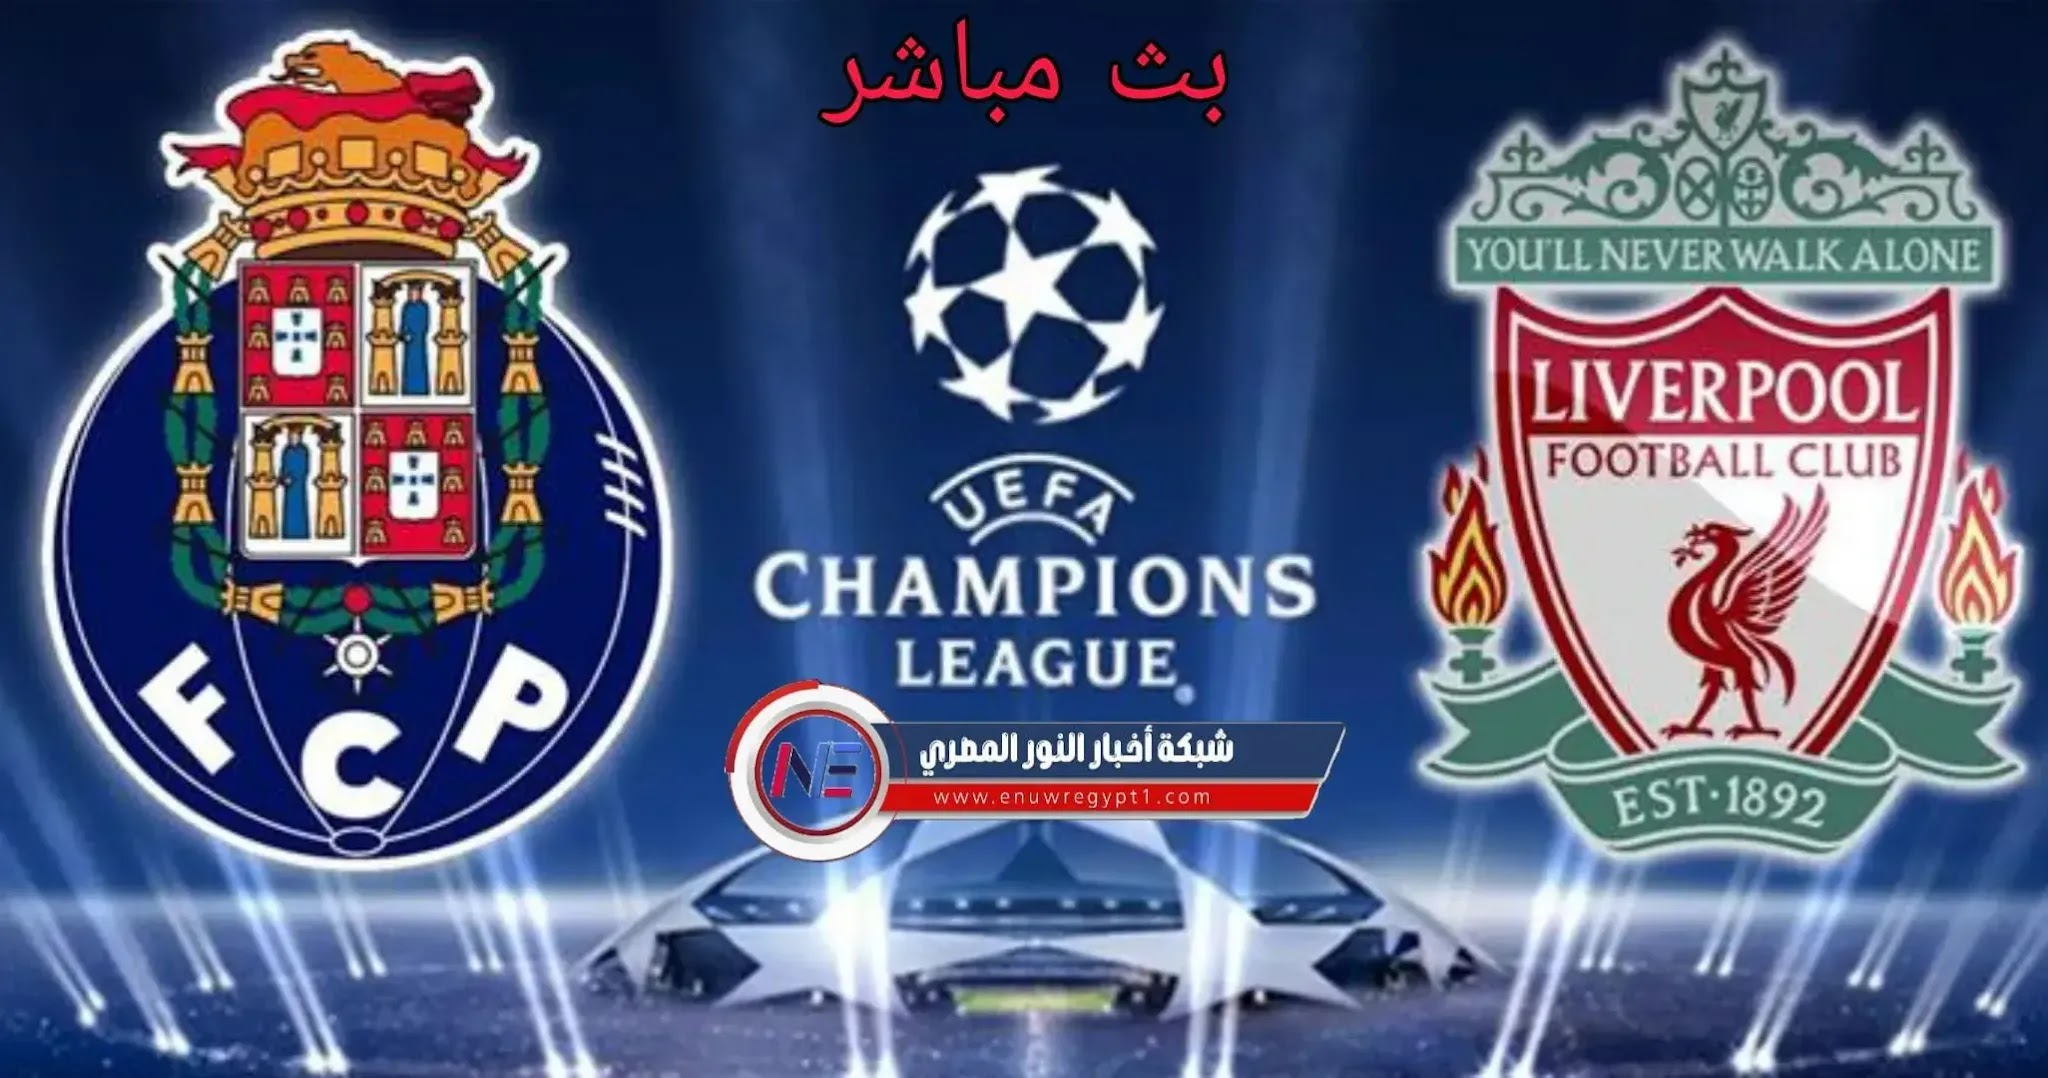 يلا شوت يوتيوب .. بث مباشر مشاهدة مباراة ليفربول و بورتو بث مباشر اليوم 28-09-2021 لايف الان في دورى ابطال اوروبا بجودة عالية